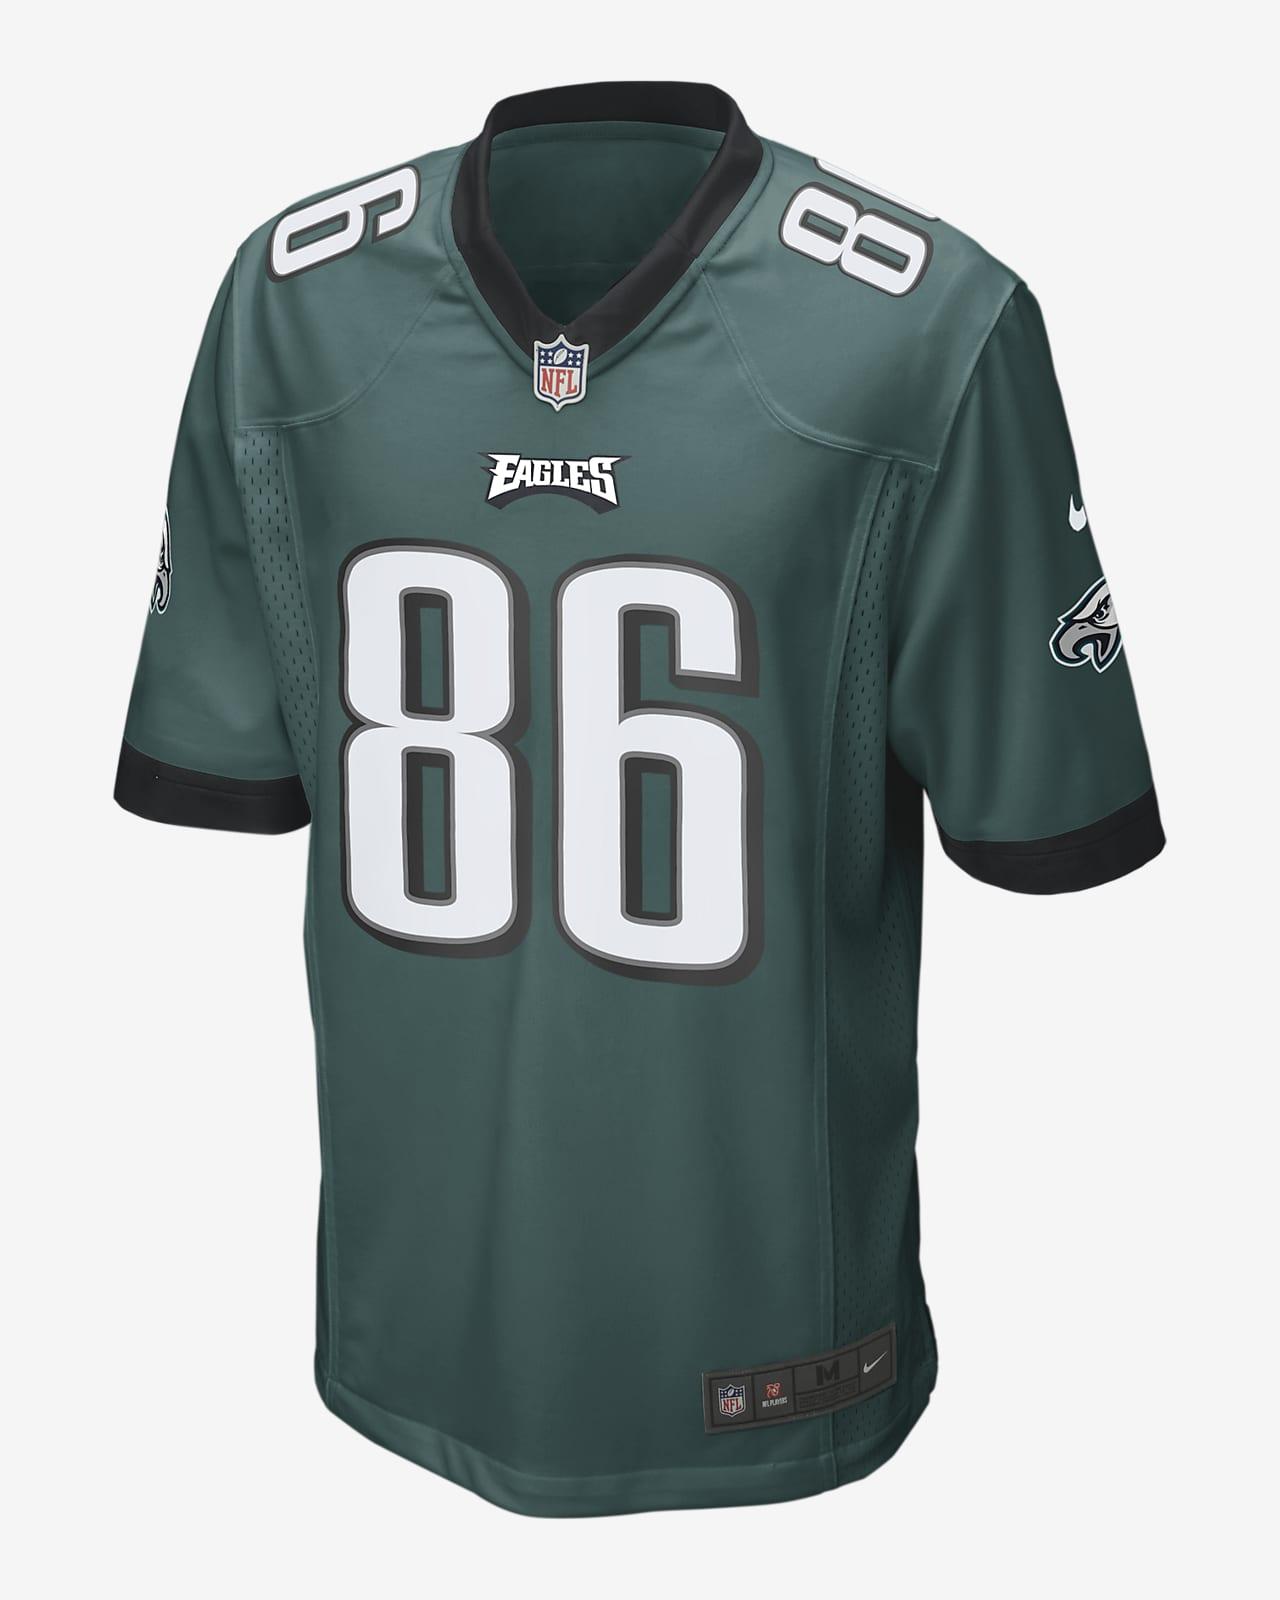 NFL Philadelphia Eagles (Zach Ertz) Men's Game American Football Jersey